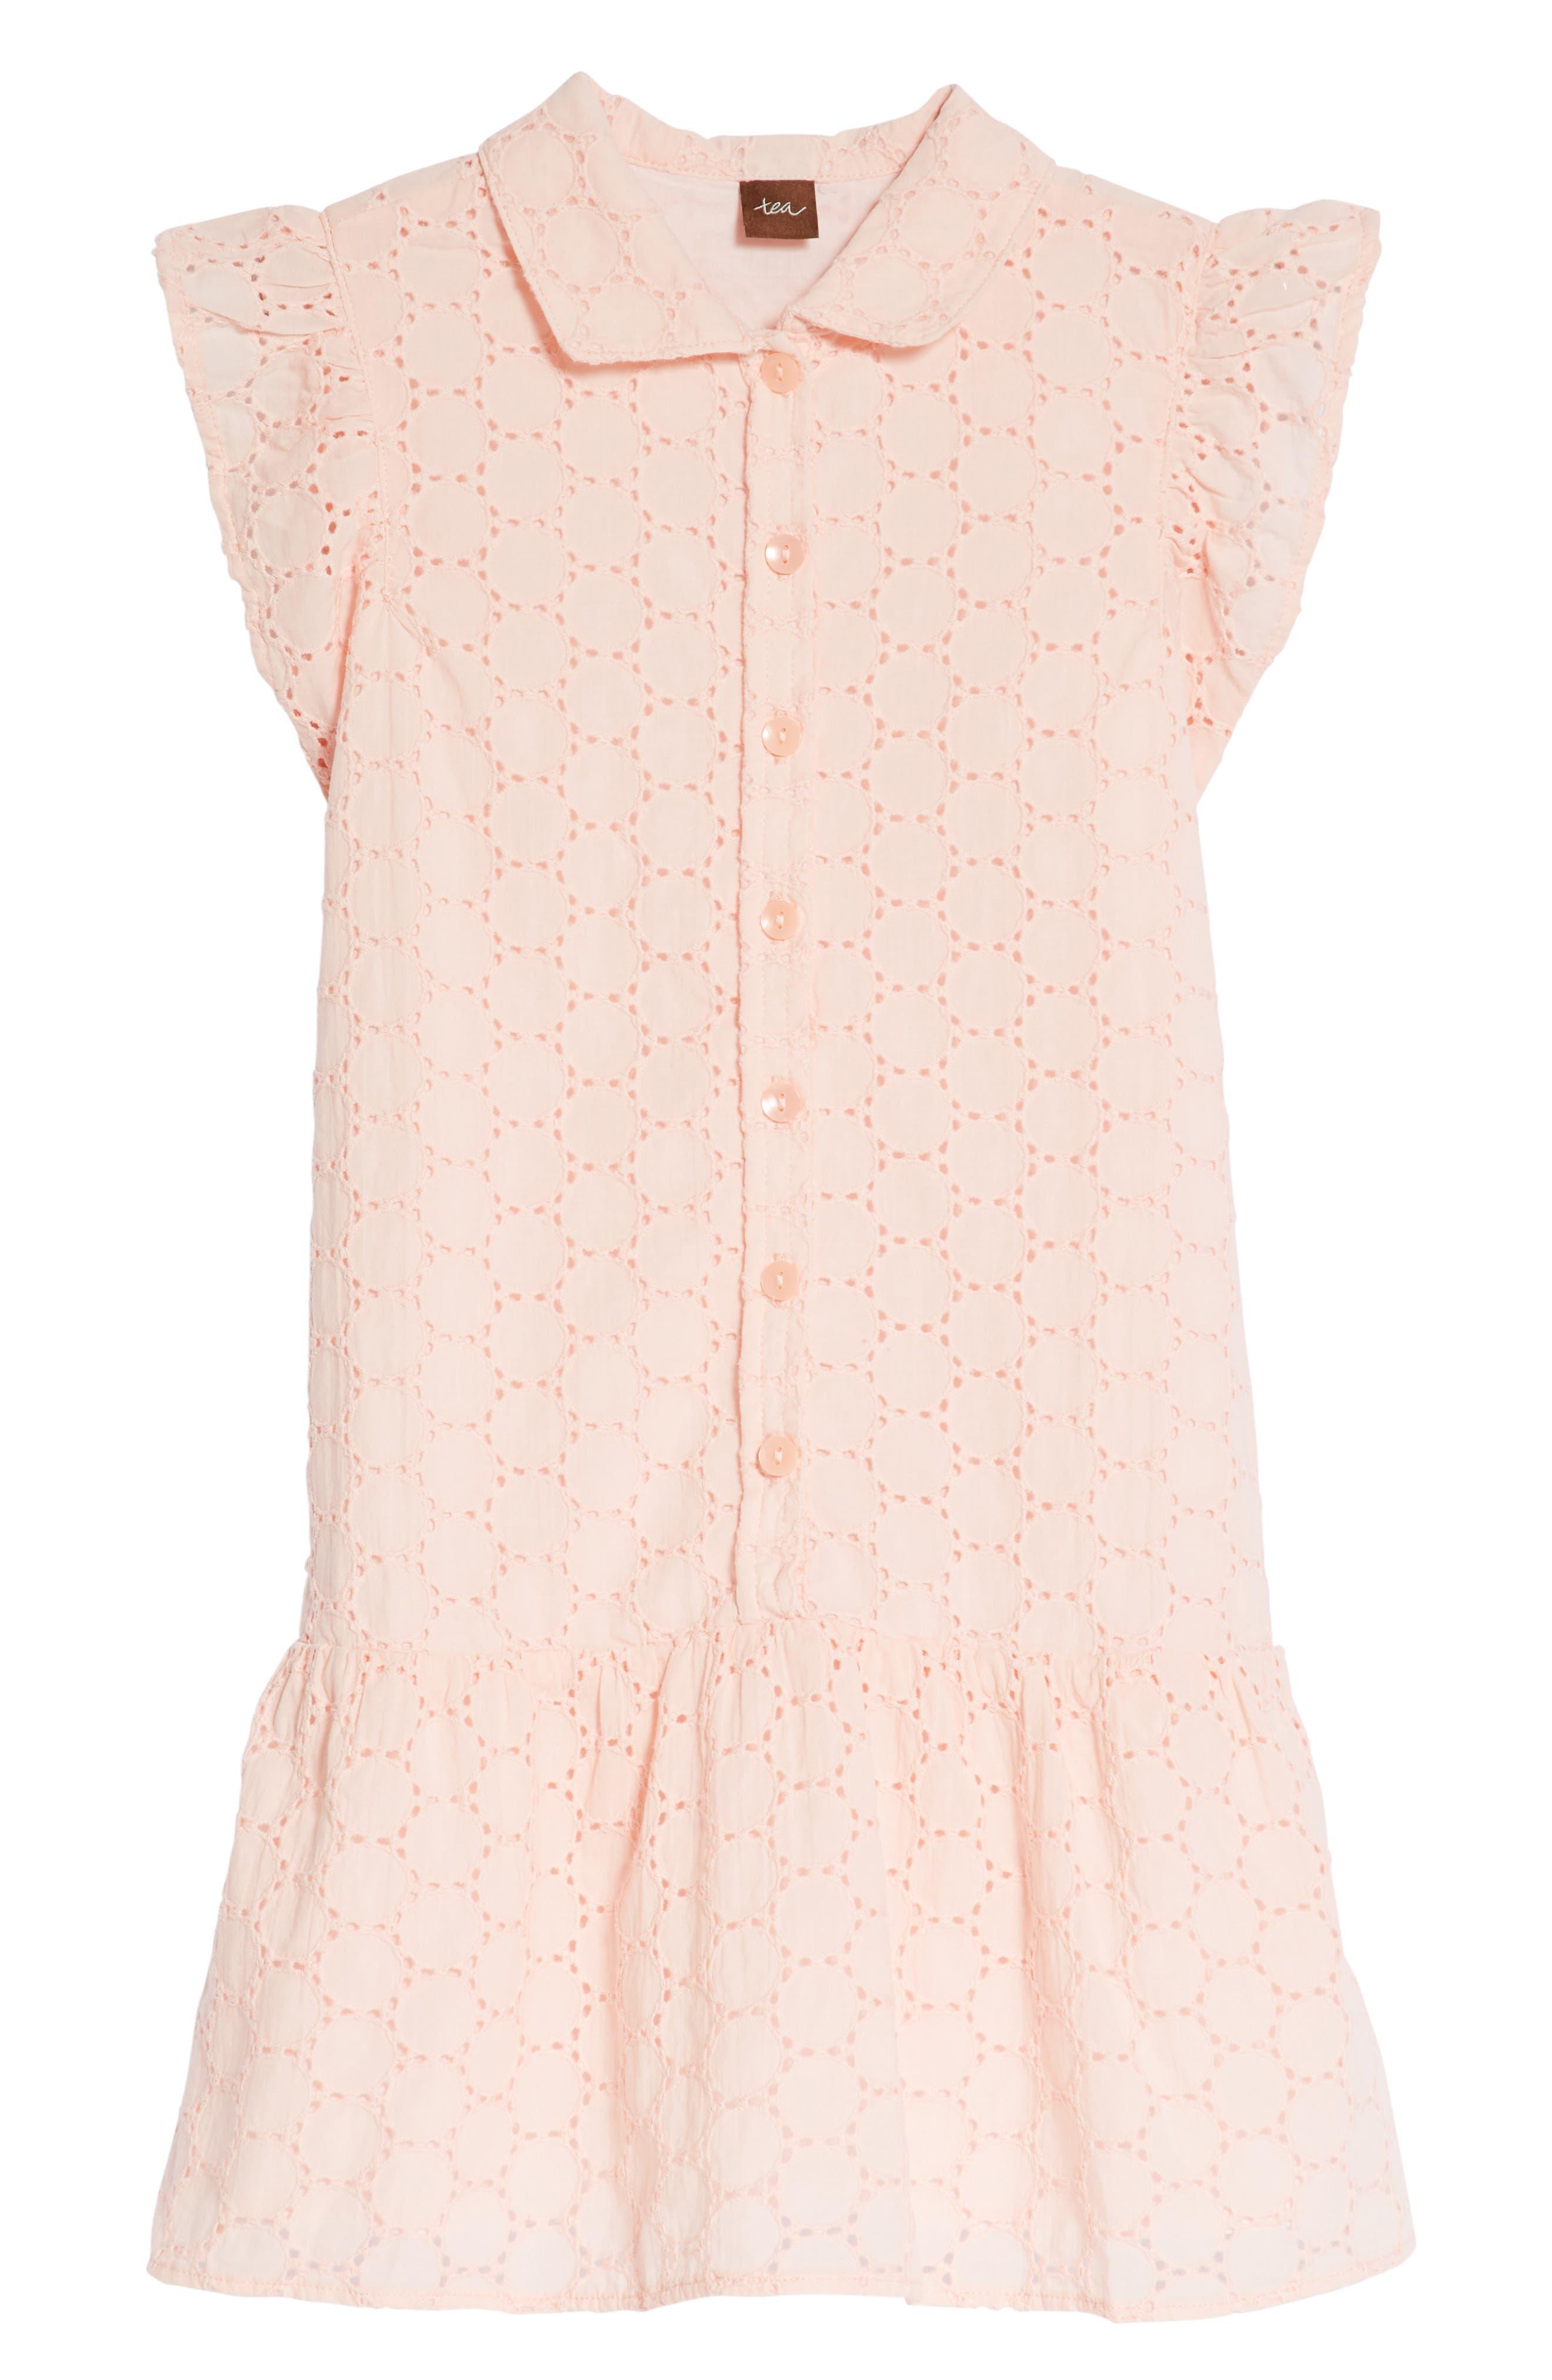 Tea Collection Eyelet Woven Dress (Toddler Girls, Little Girls & Big Girls)